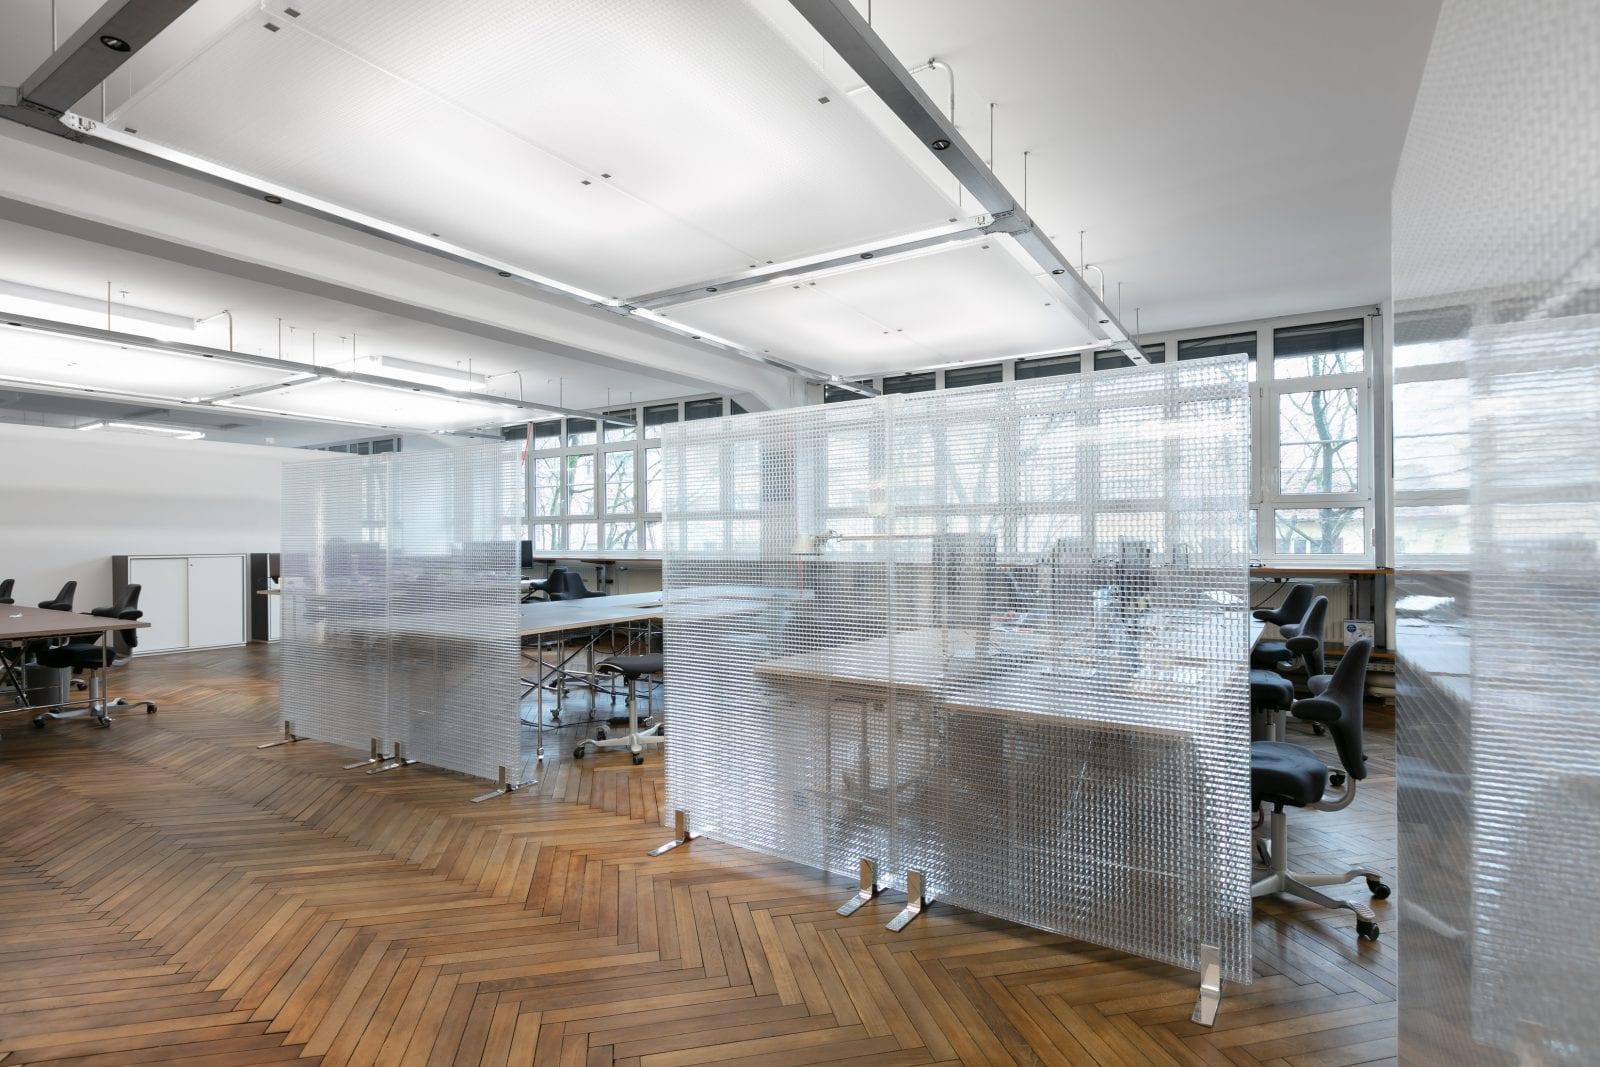 Trennwände 'Kandela ST27 transparent' von Wacosystems in einem Großraumbüro (Foto: Nikolay Kazakov)